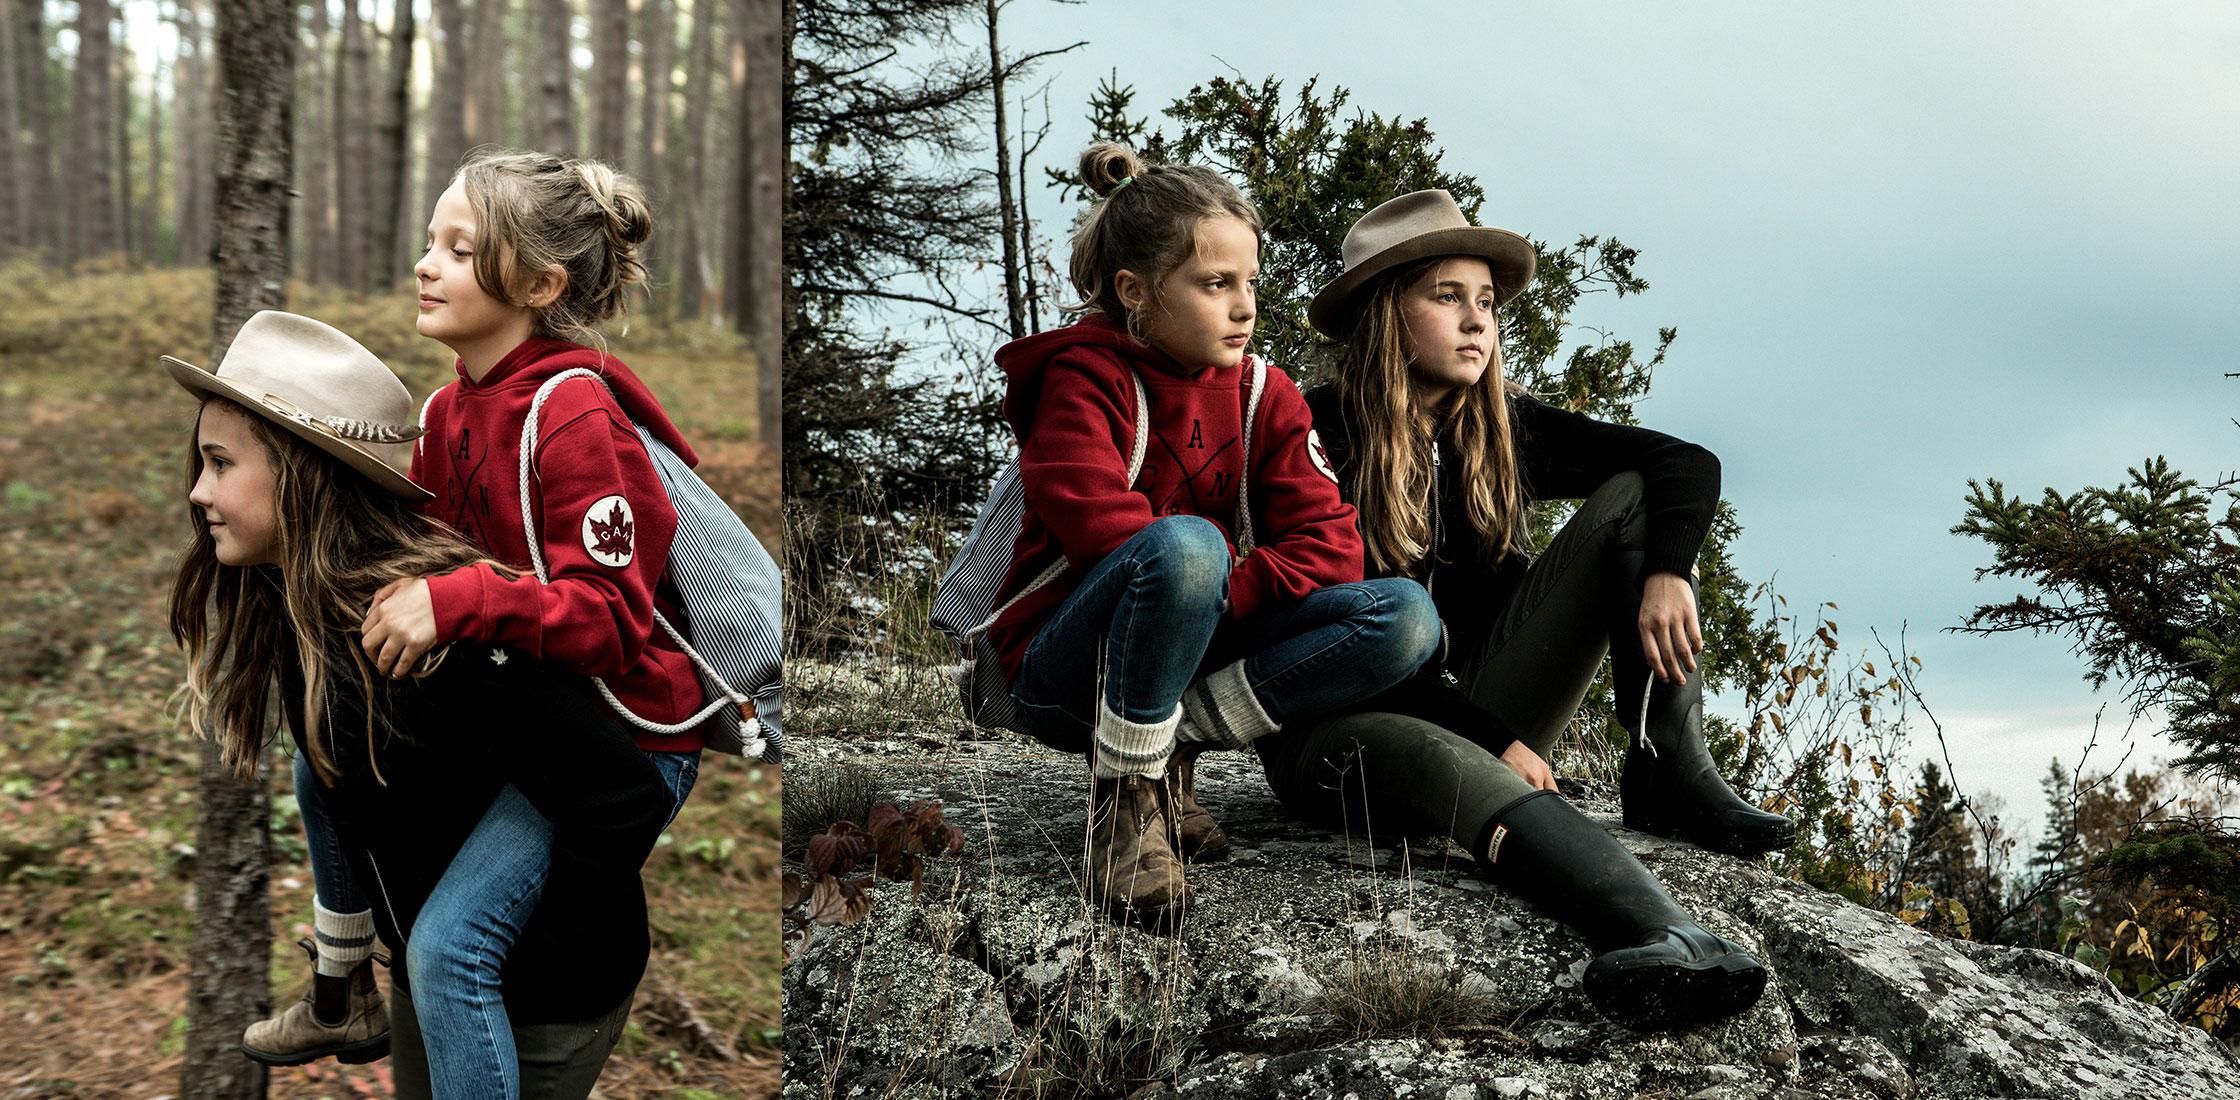 Red Canoe Kids